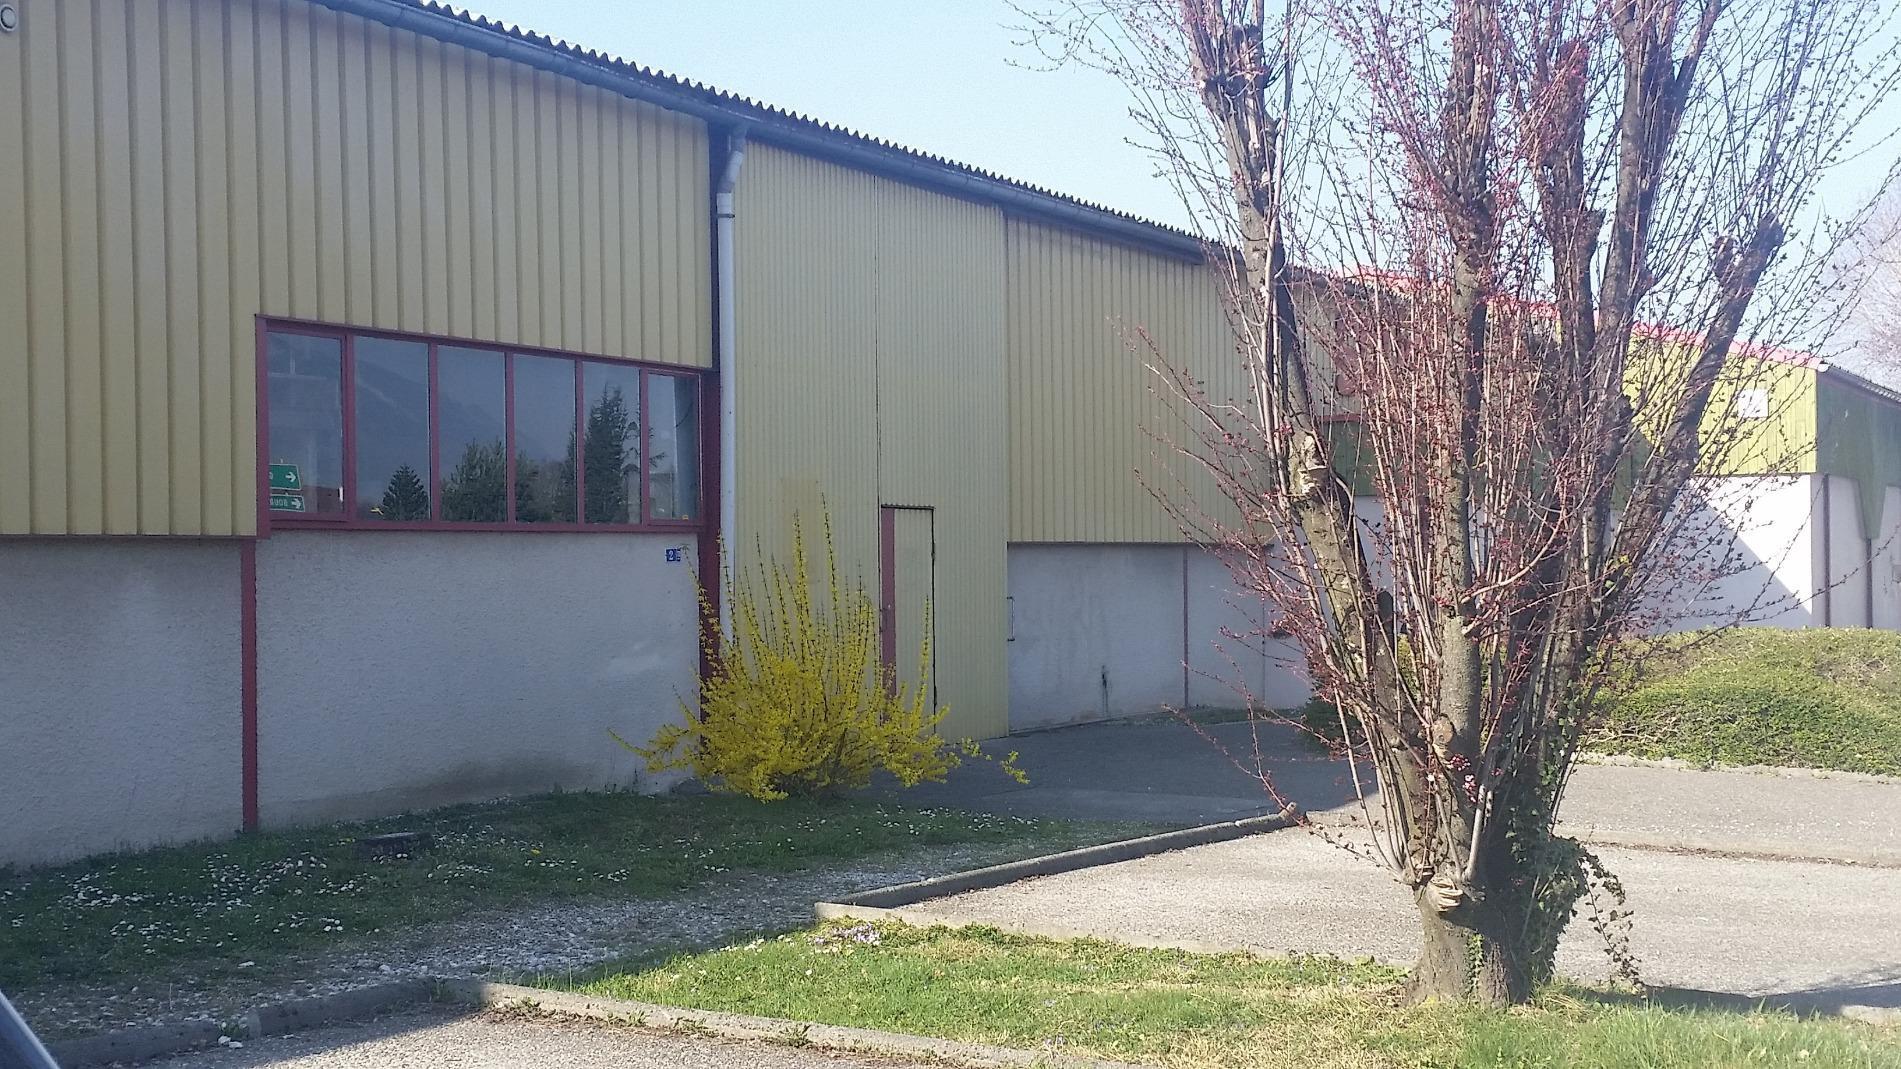 L727 - Locaux Commerciaux Annecy, axe sud